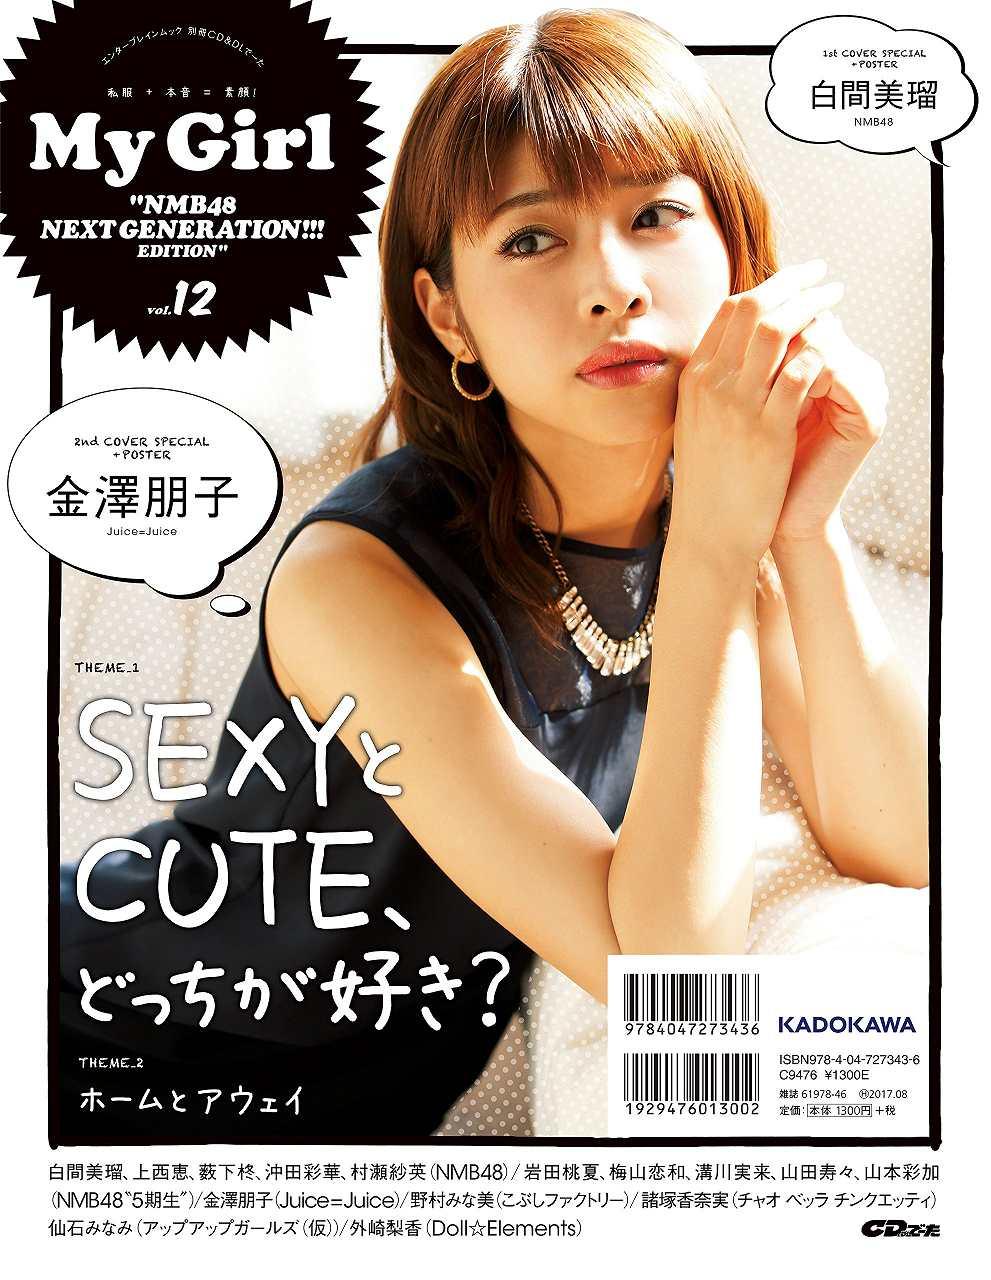 「別冊CD&DLでーた My Girl vol.12」表紙の金澤朋子